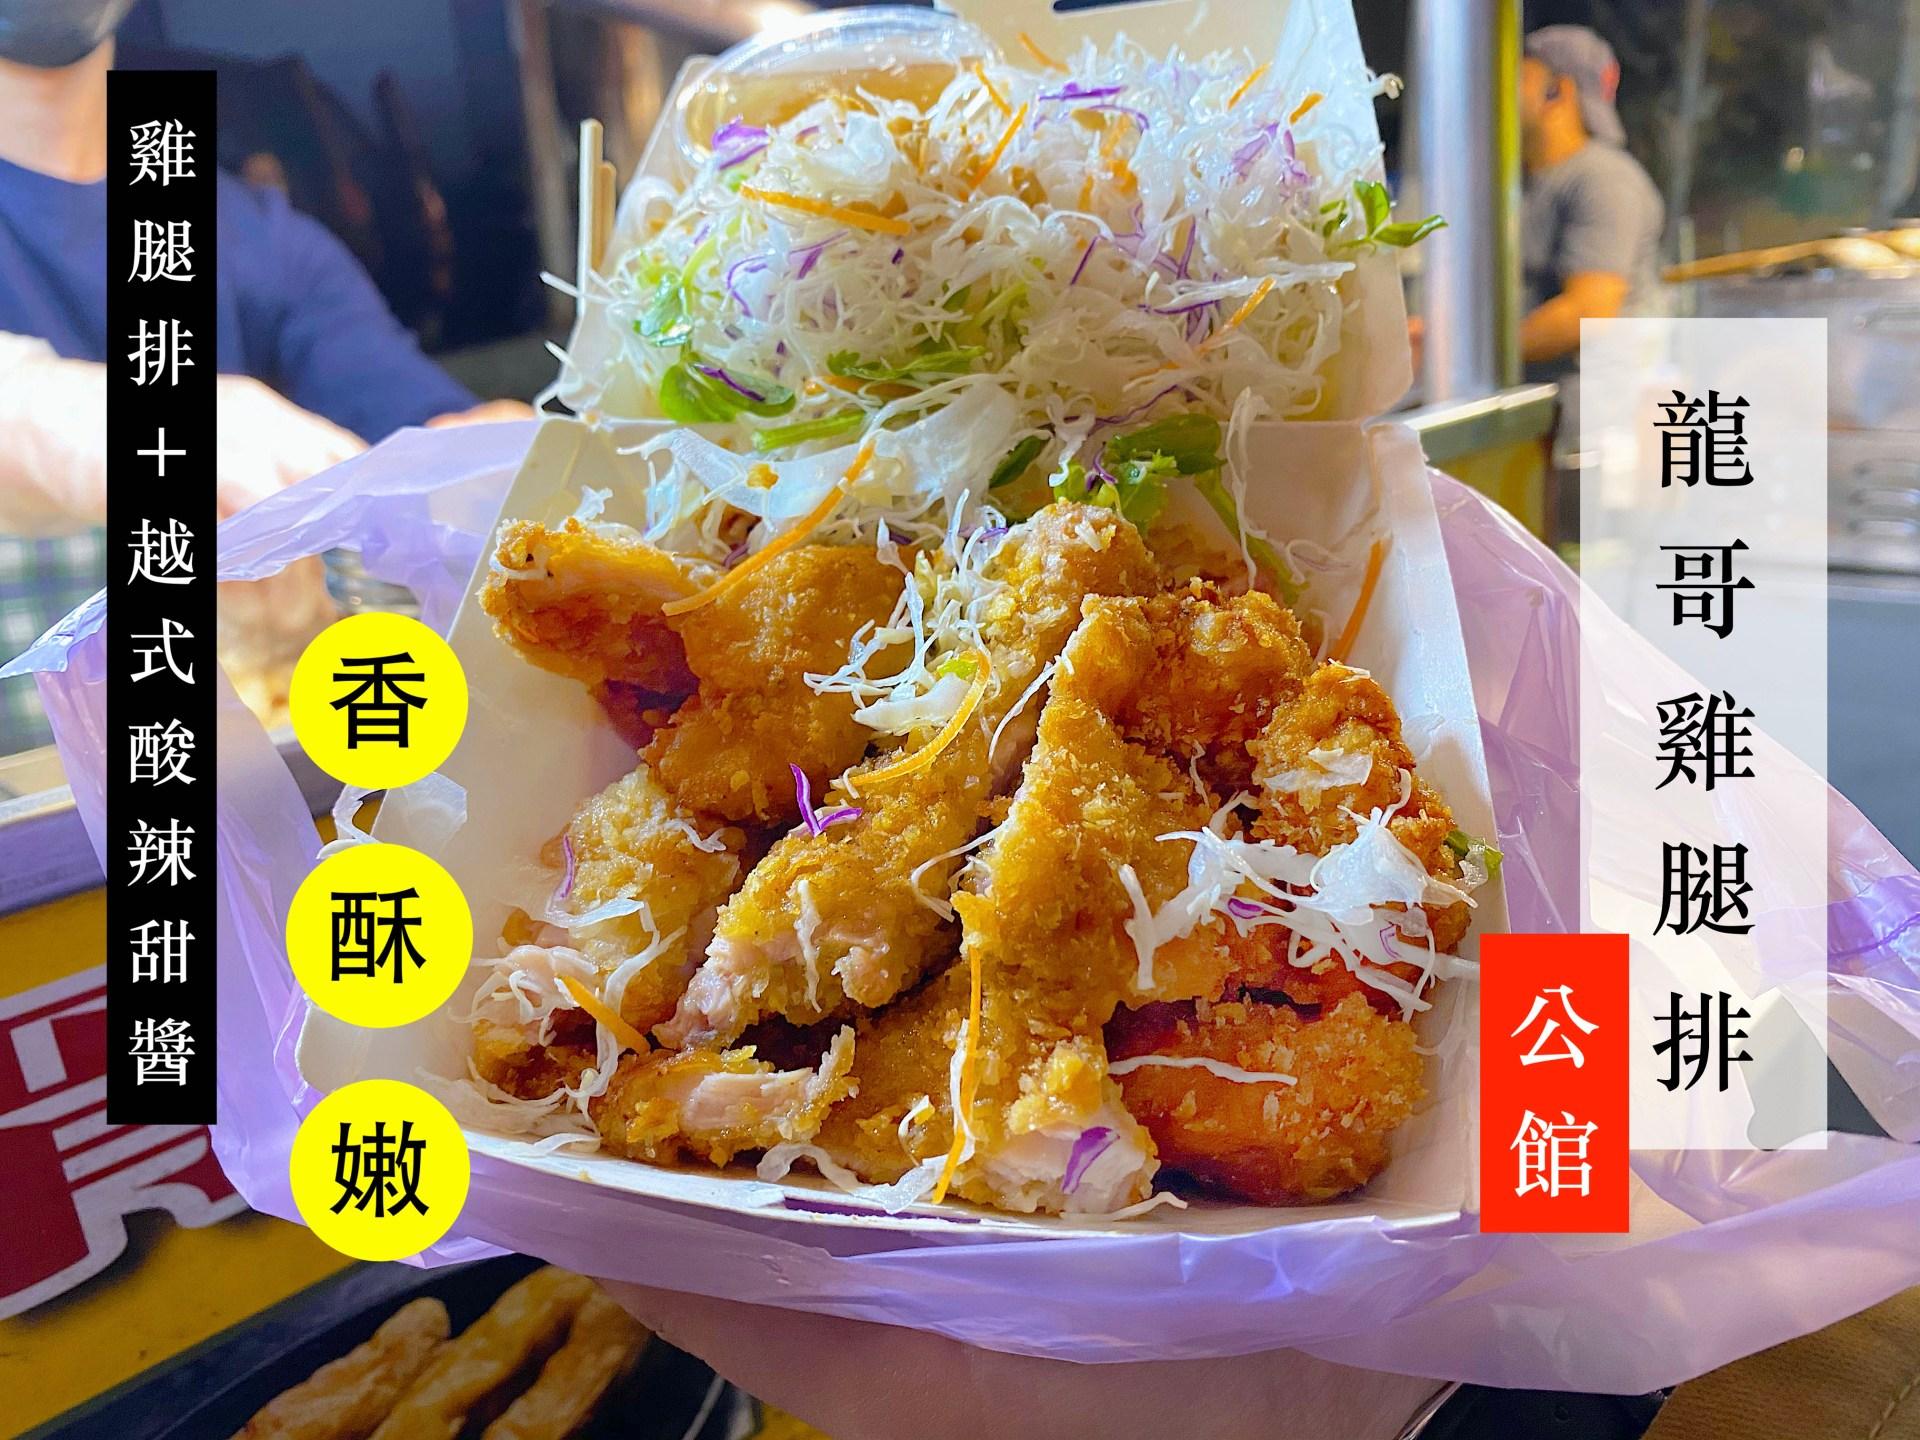 台北美食推薦清單餐廳小吃